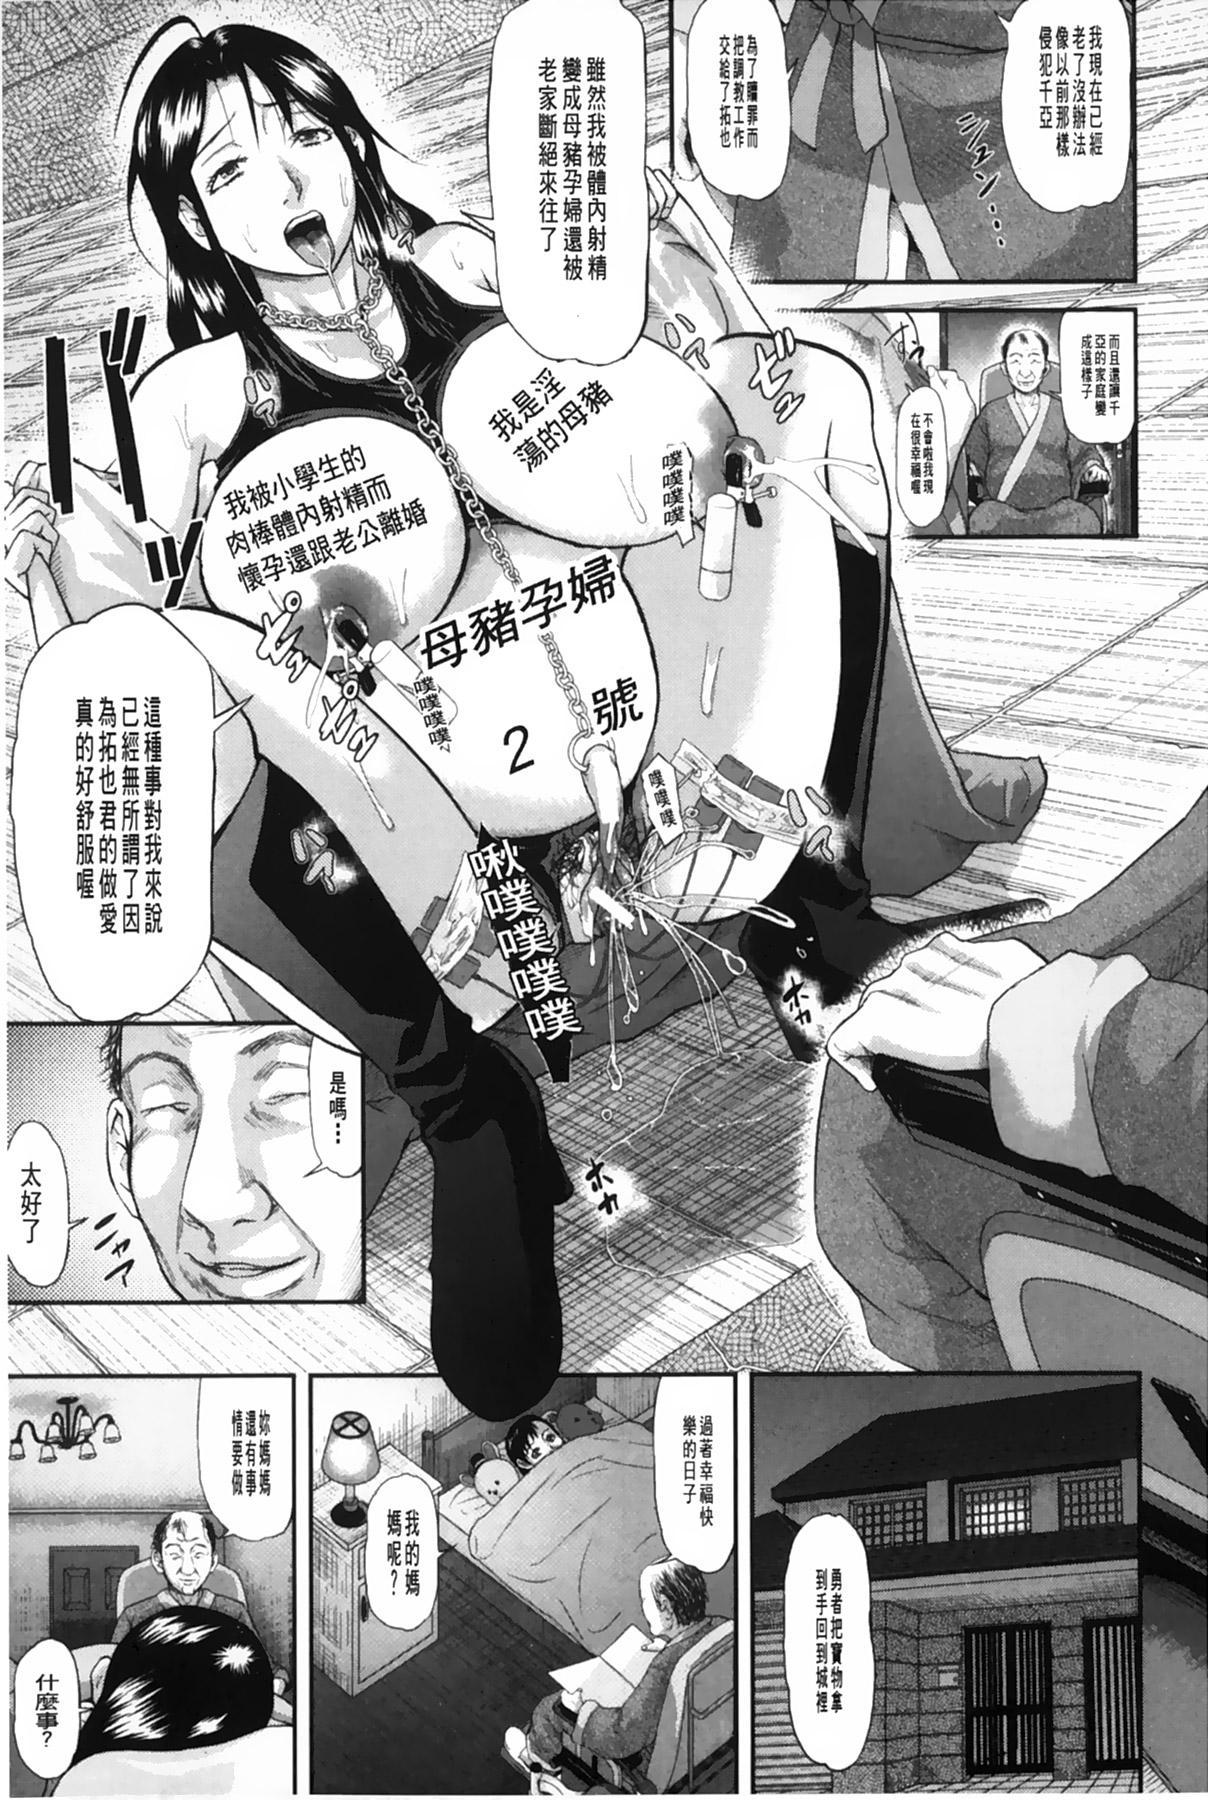 [Honebuto Danshaku] Onna Jigoku Niku no Tsubo~Hentai Rui Inran Ka Mesu Buta Ichidaiki~ | 女地獄、肉之壺 ~変態類淫乱科淫母豬一代記~ [Chinese] 93